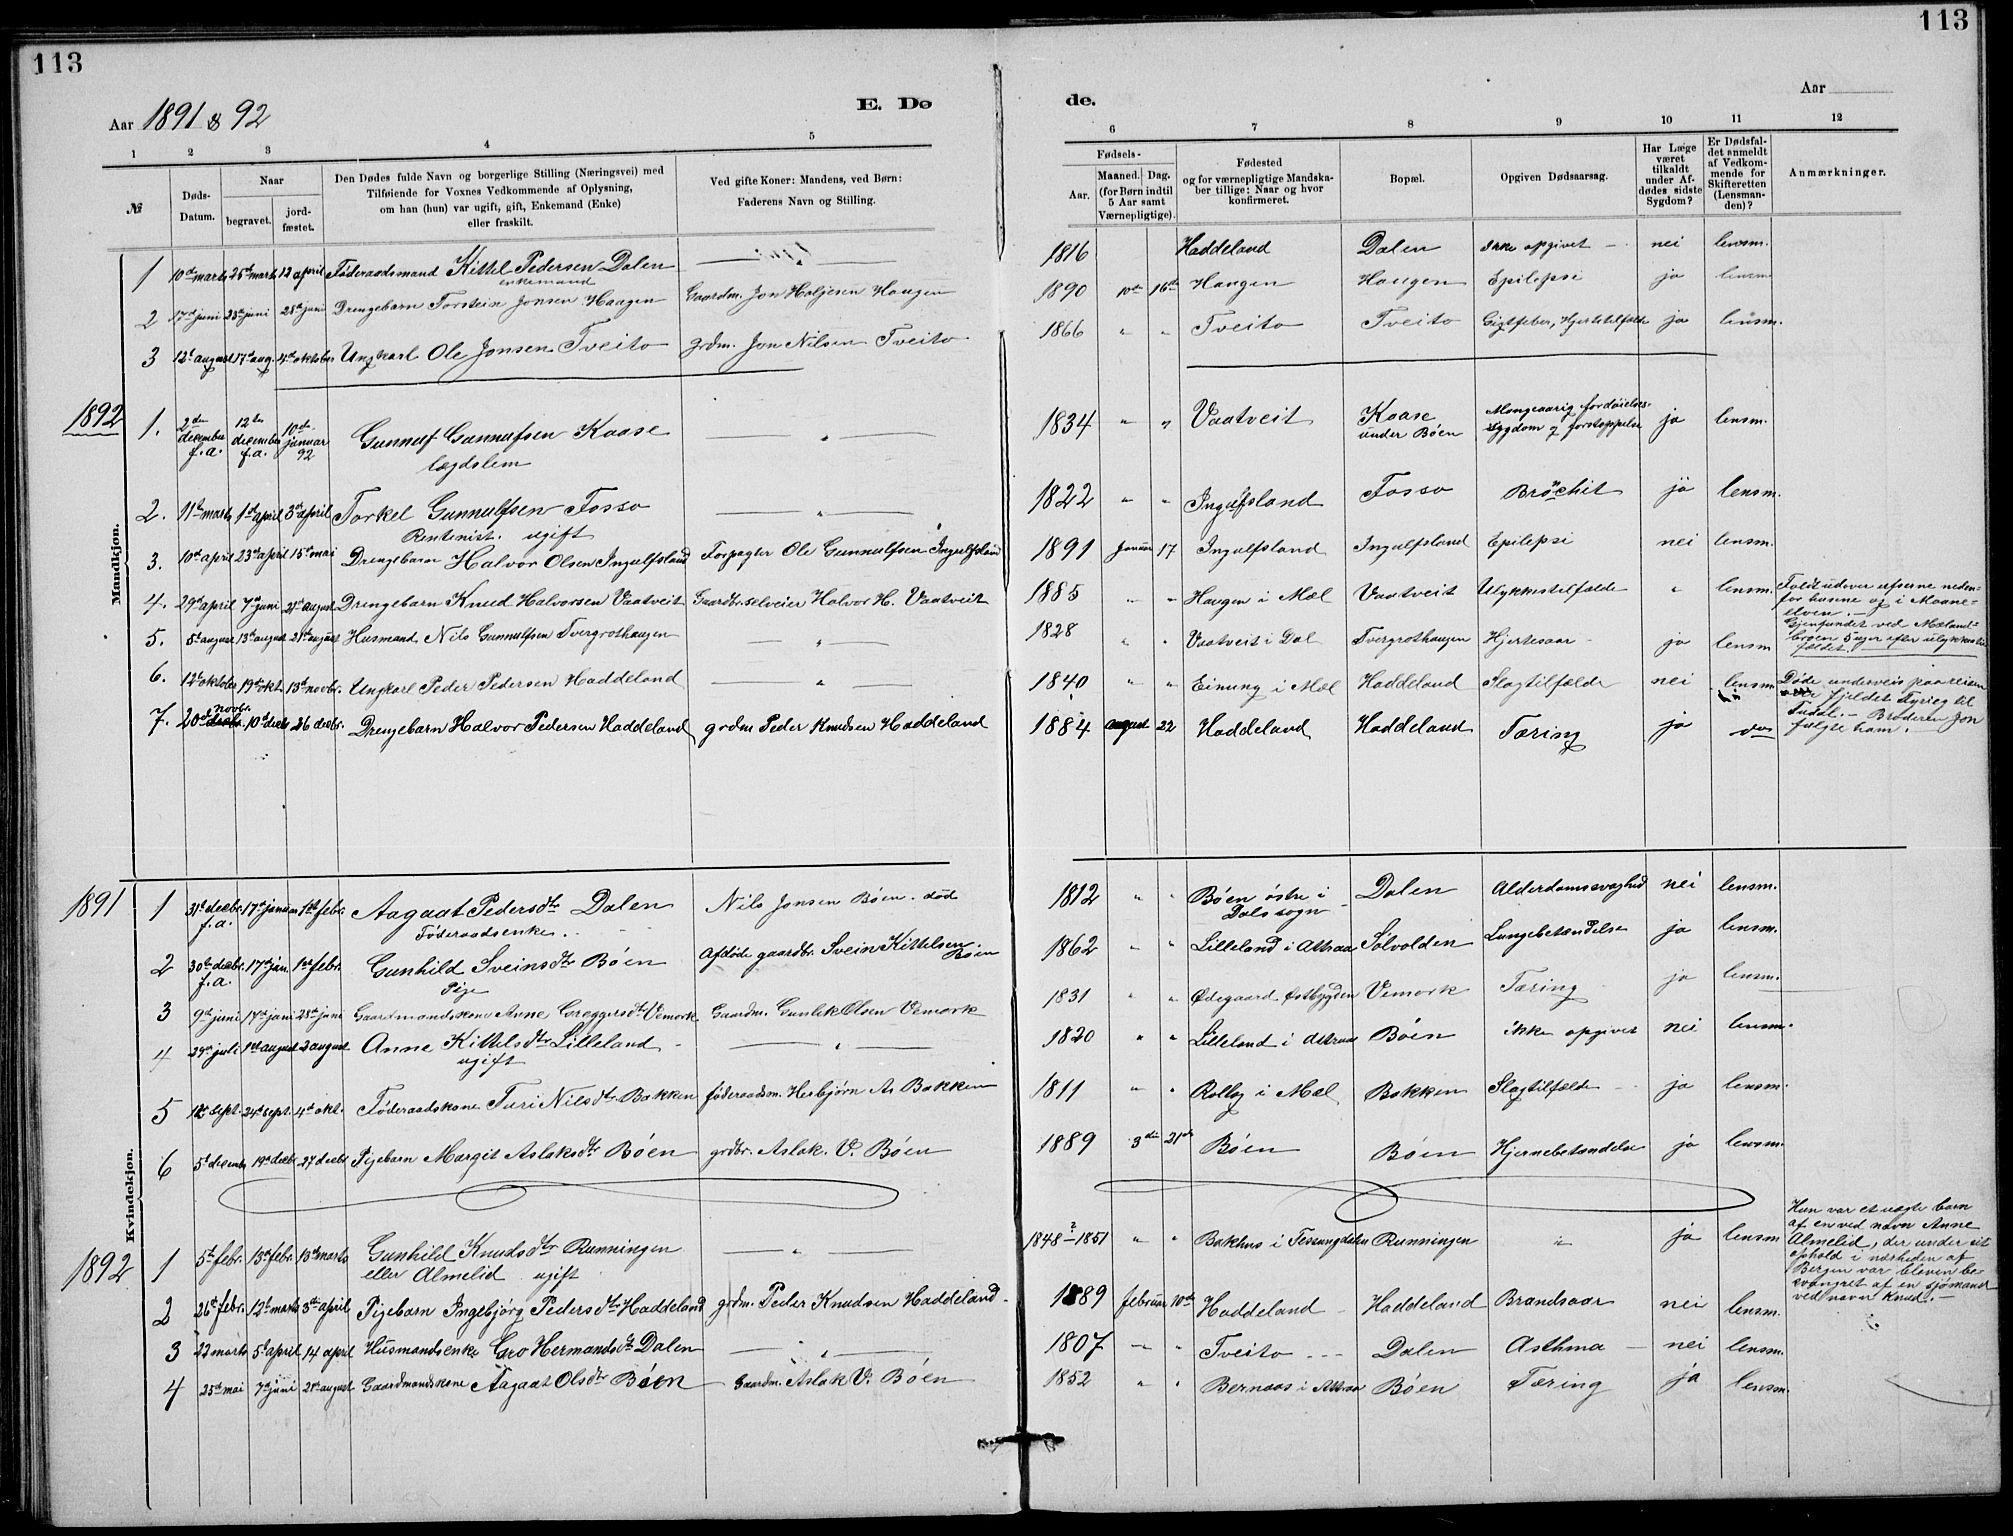 SAKO, Rjukan kirkebøker, G/Ga/L0001: Klokkerbok nr. 1, 1880-1914, s. 113